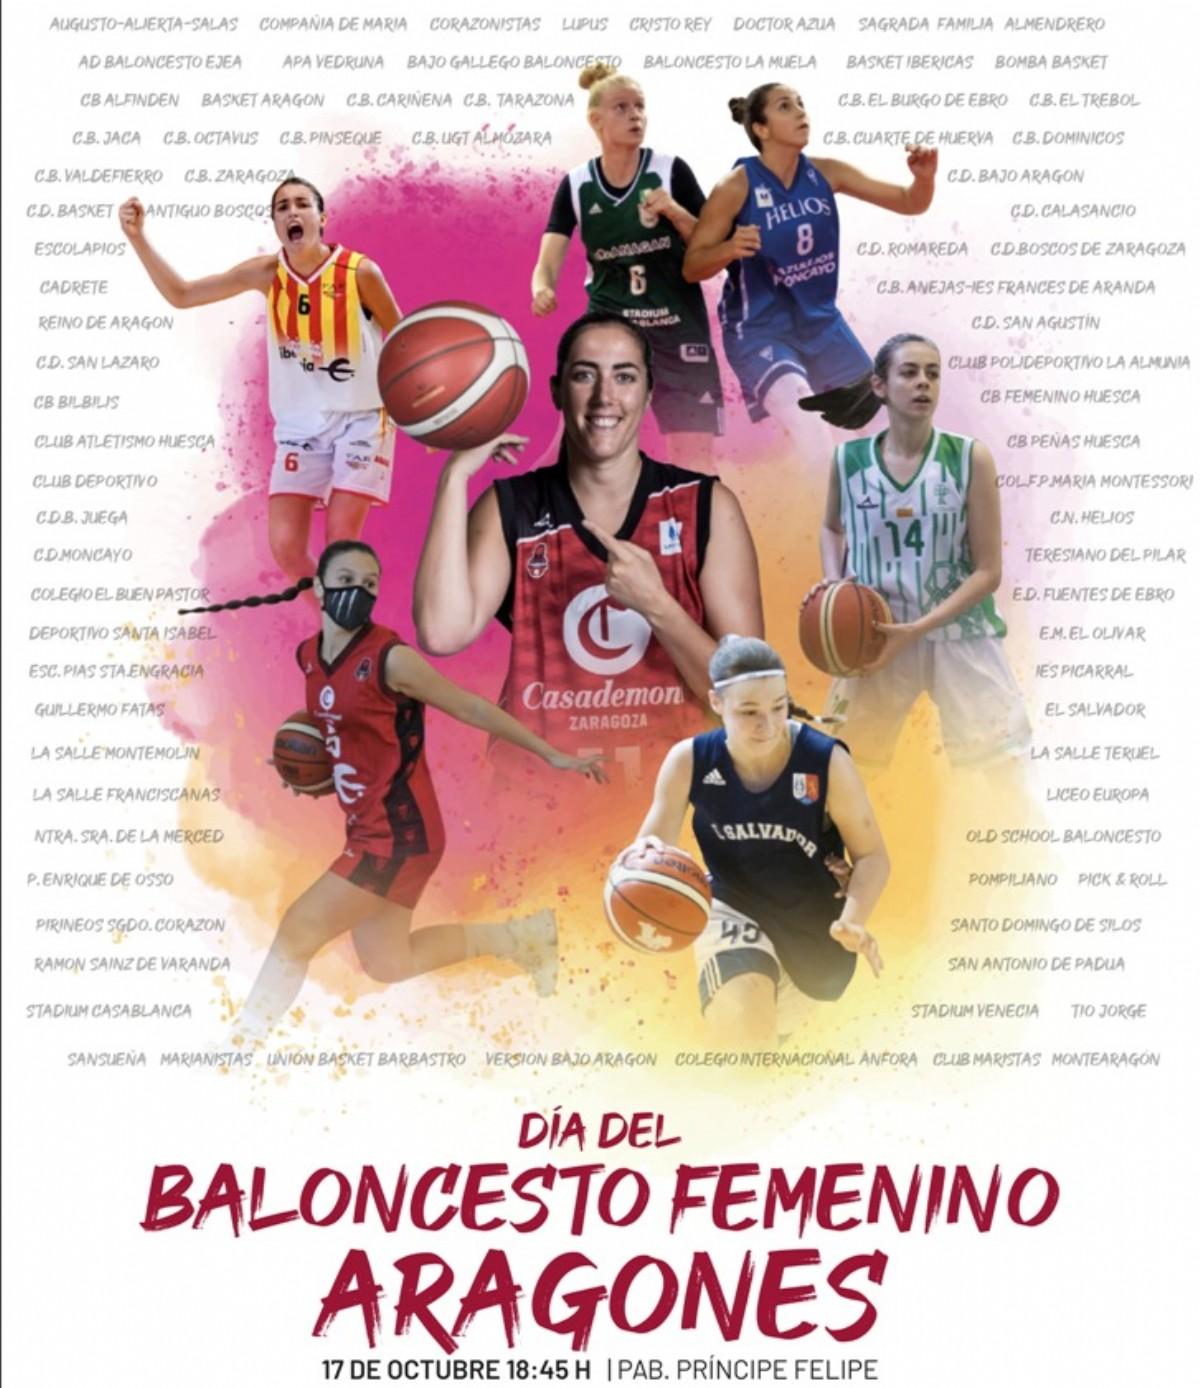 Día del Baloncesto Femenino Aragonés 2021